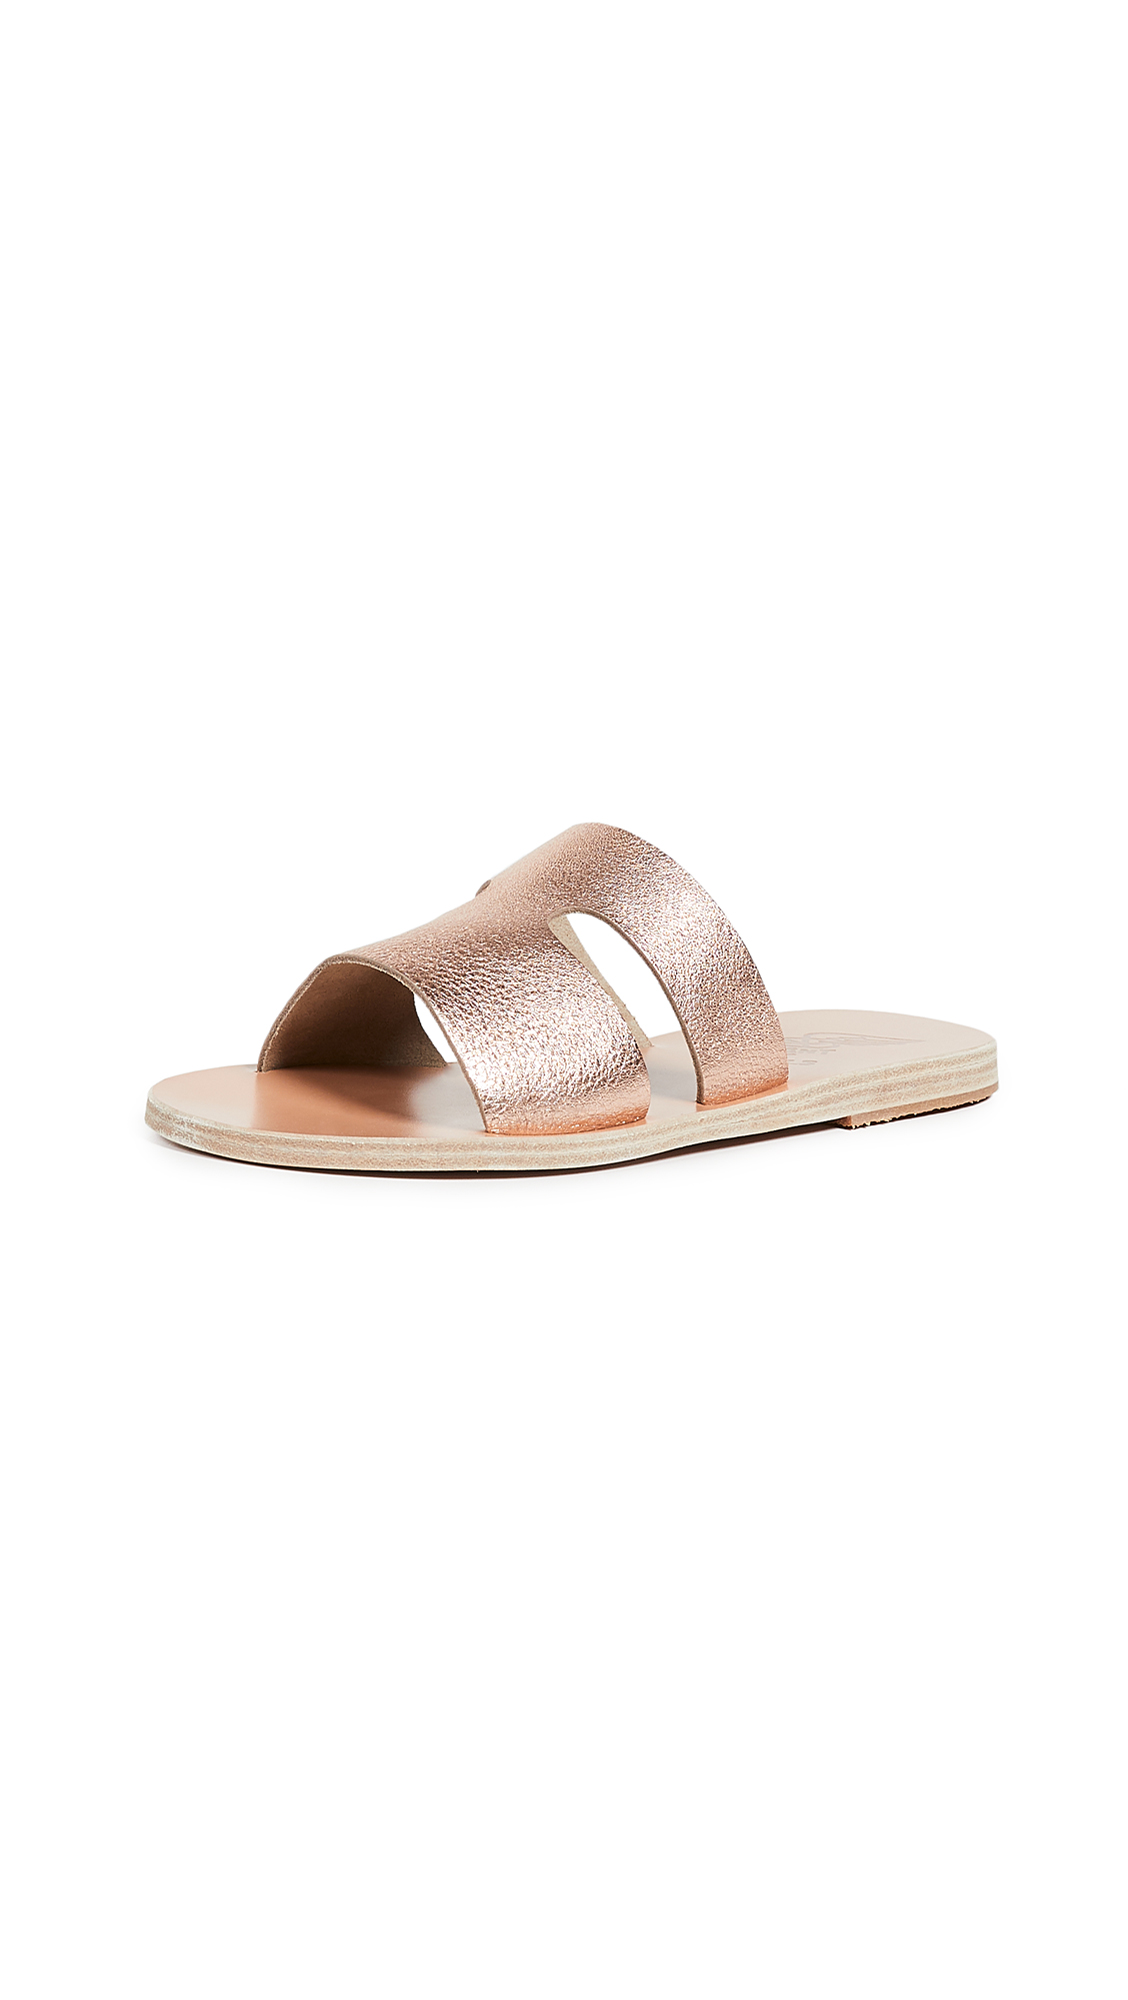 Ancient Greek Sandals Apteros Slide Sandals - Pink Metal/Sand